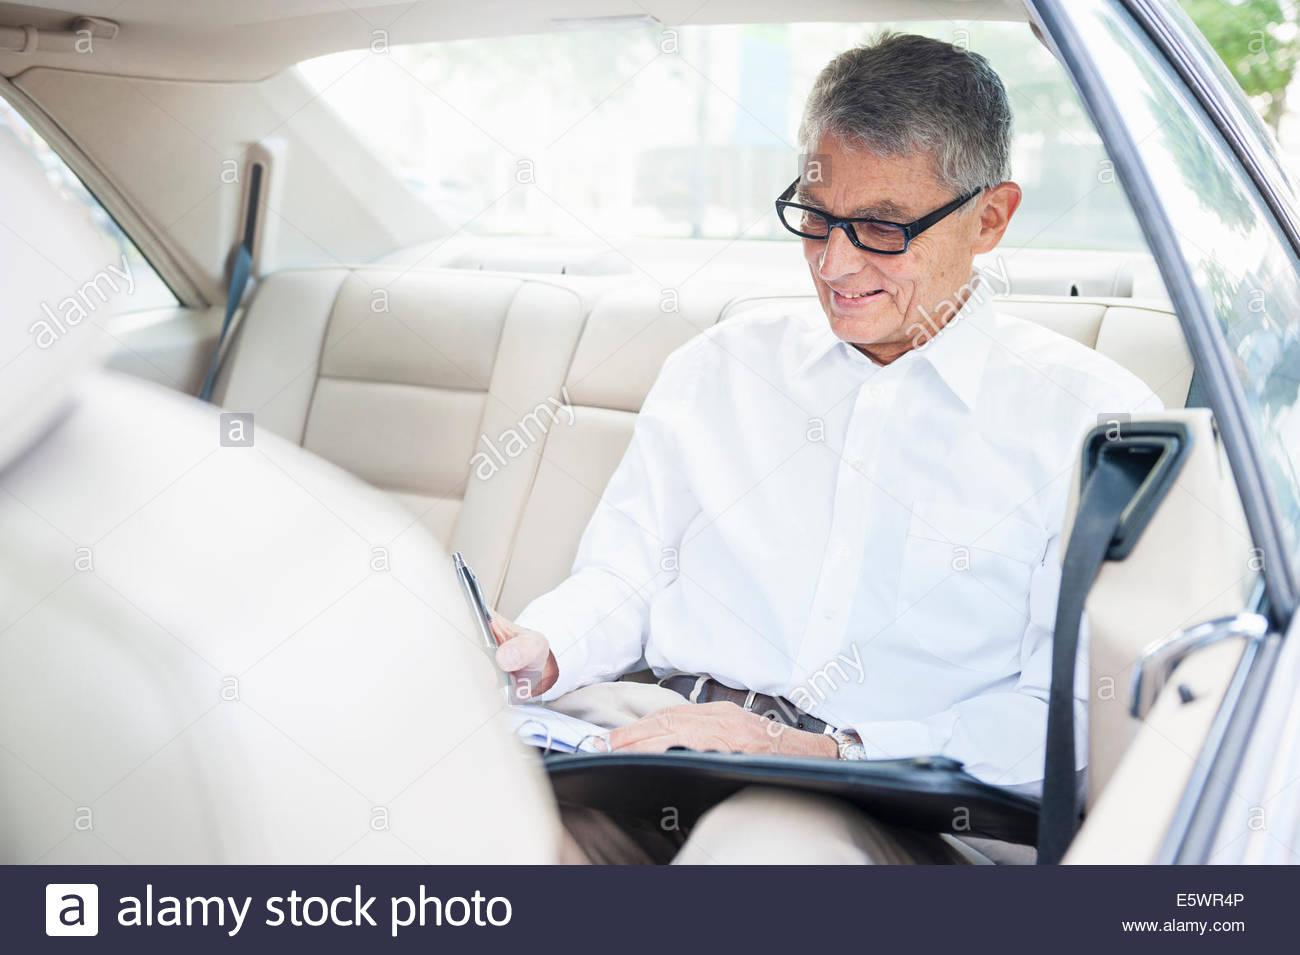 Adulto mayor empresario asiento de atrás del coche, haciendo notas Imagen De Stock